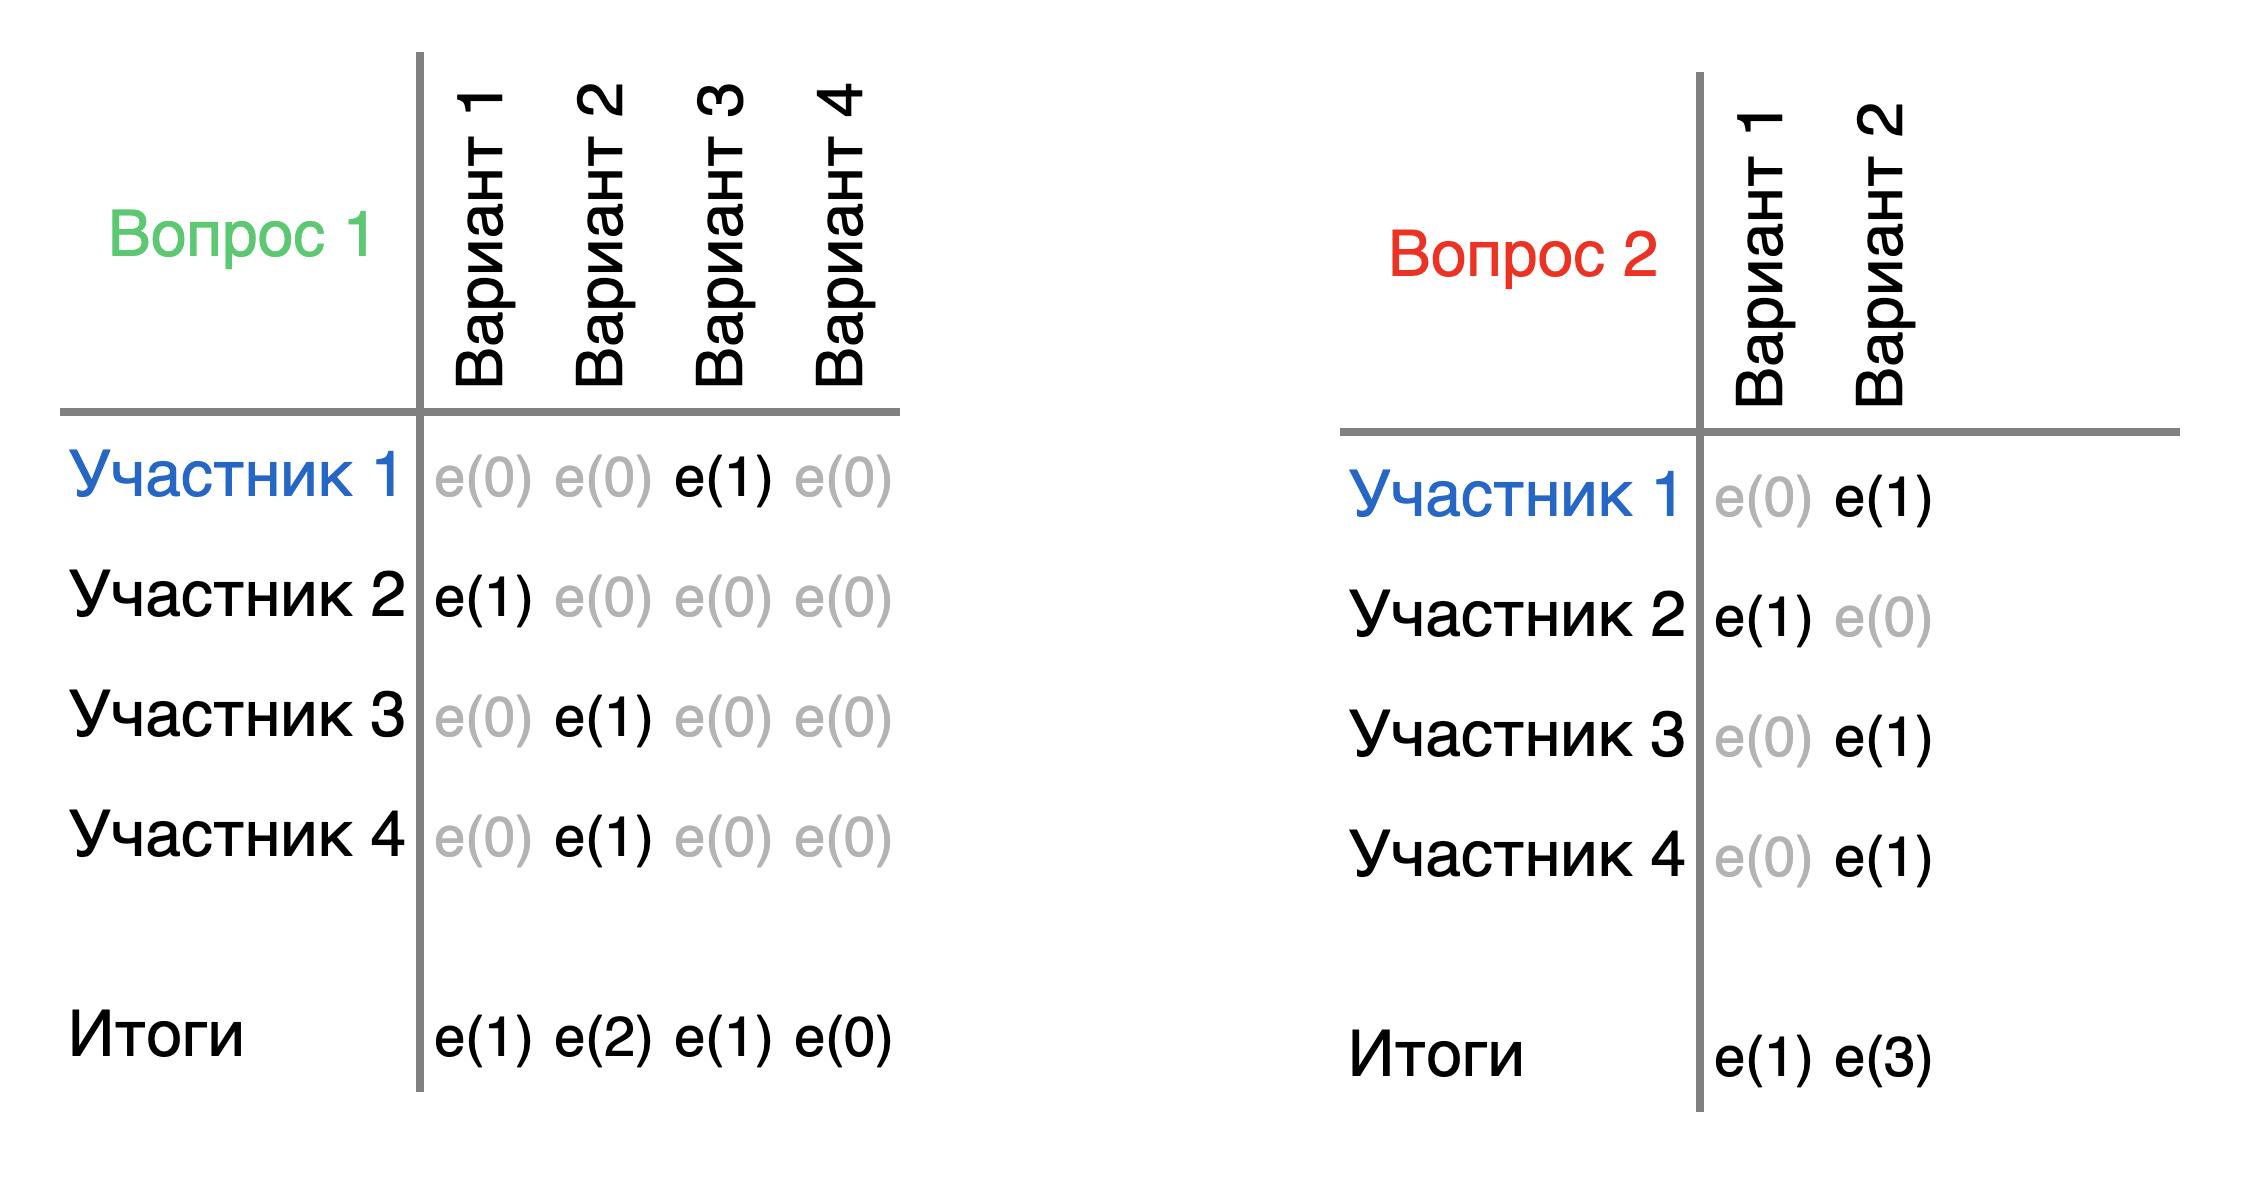 Подсчет результатов в зашифрованном виде